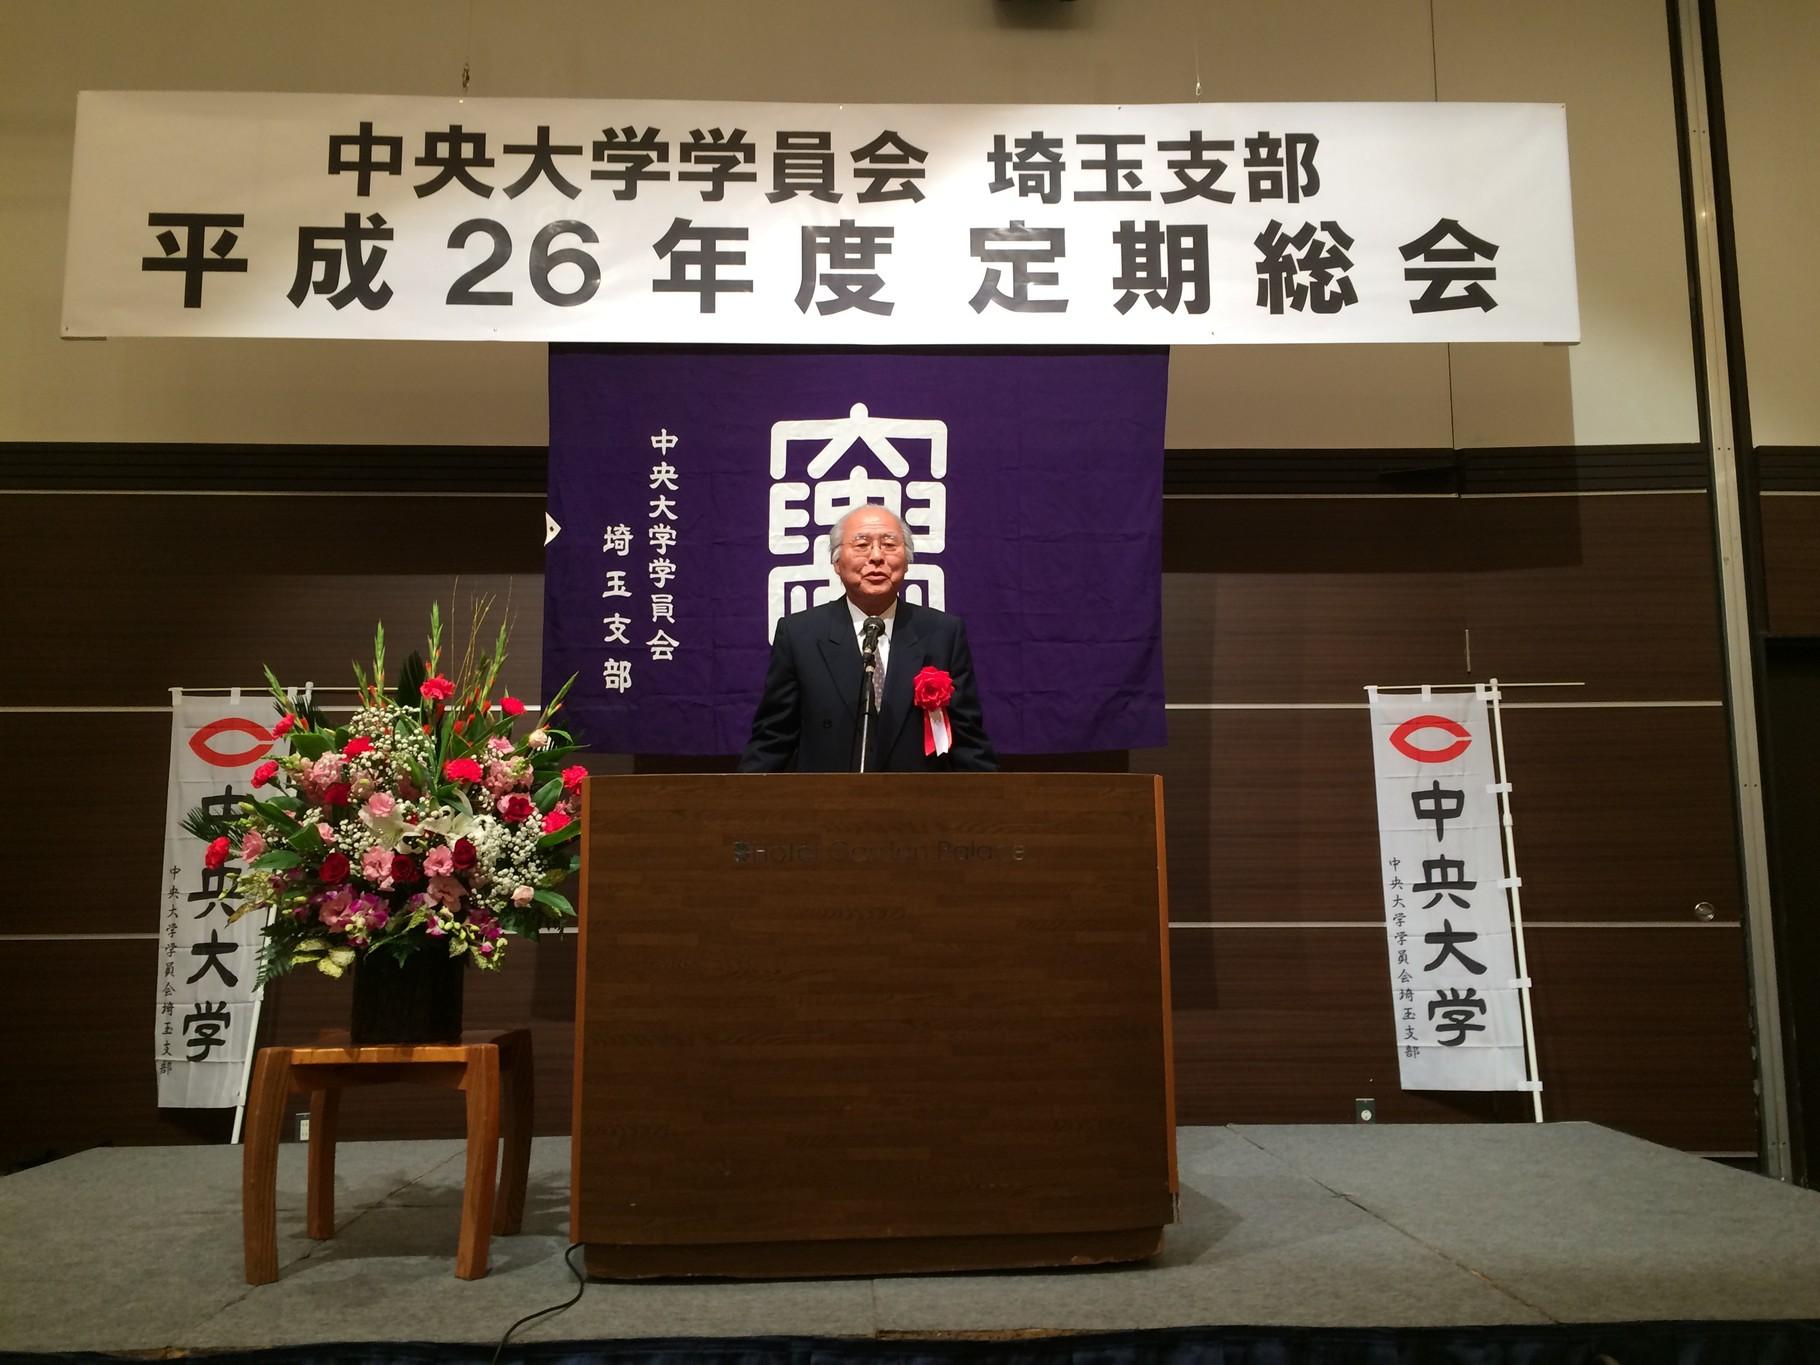 平成26年度埼玉支部定期総会更新情報